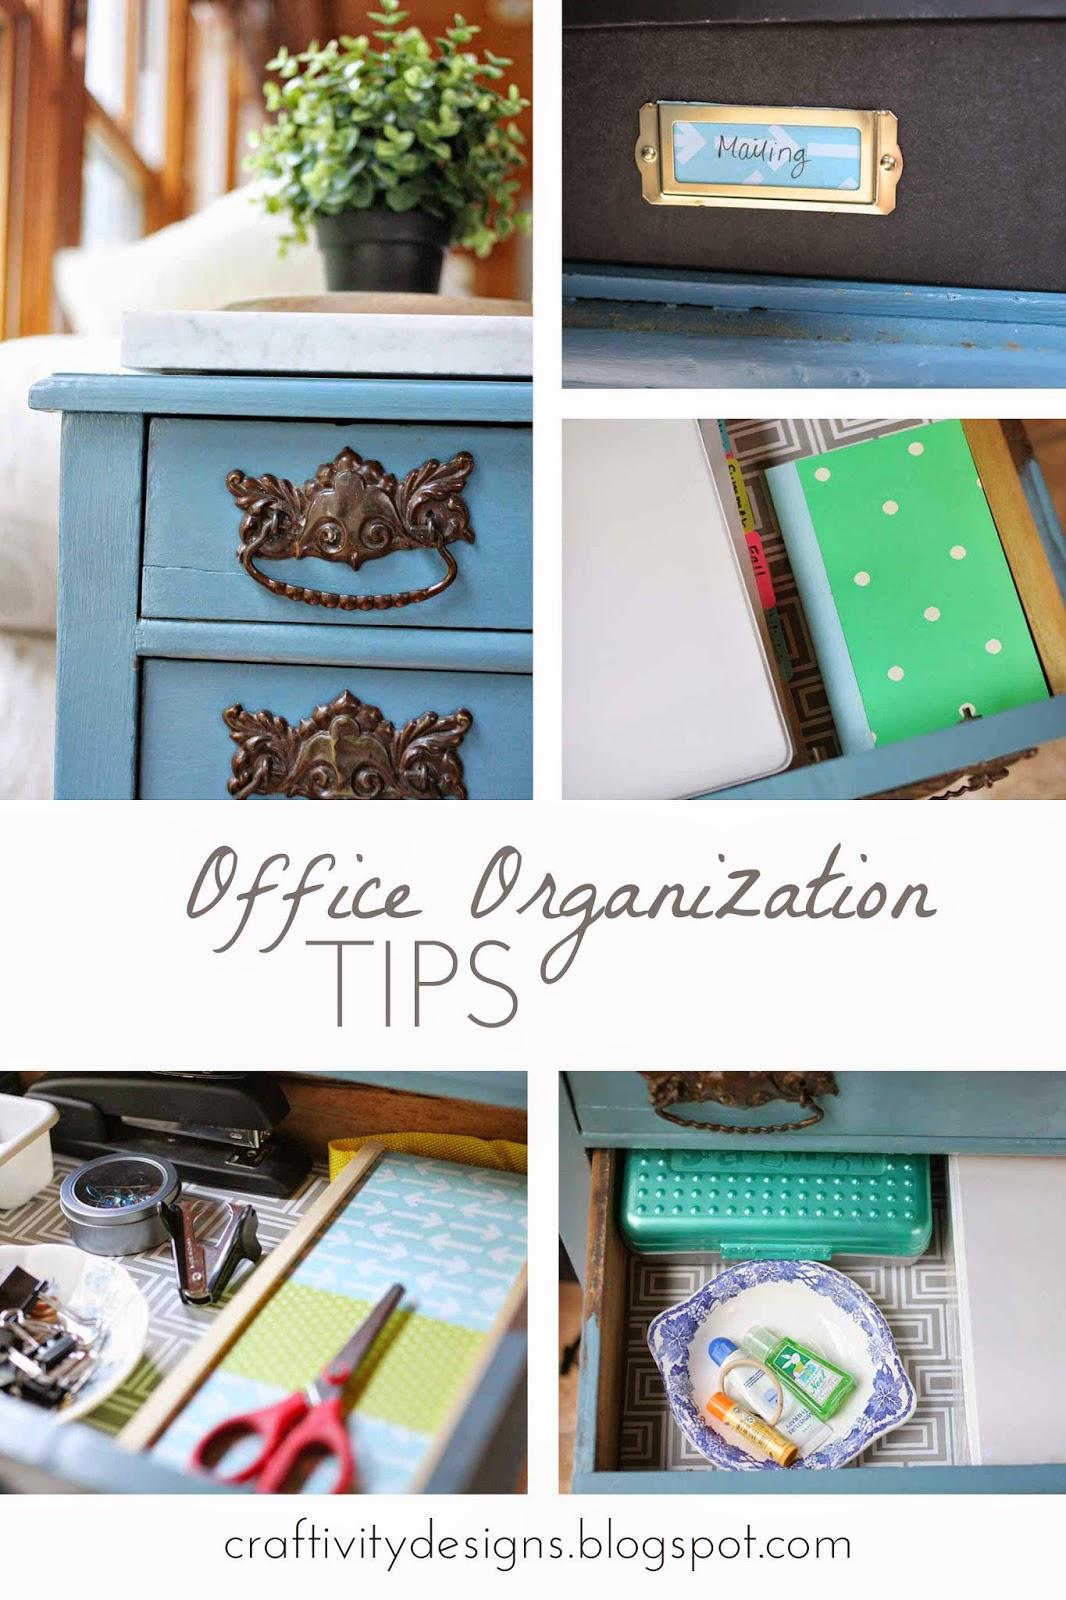 So Letu0027s Review A Few Organizational Tipsu2026